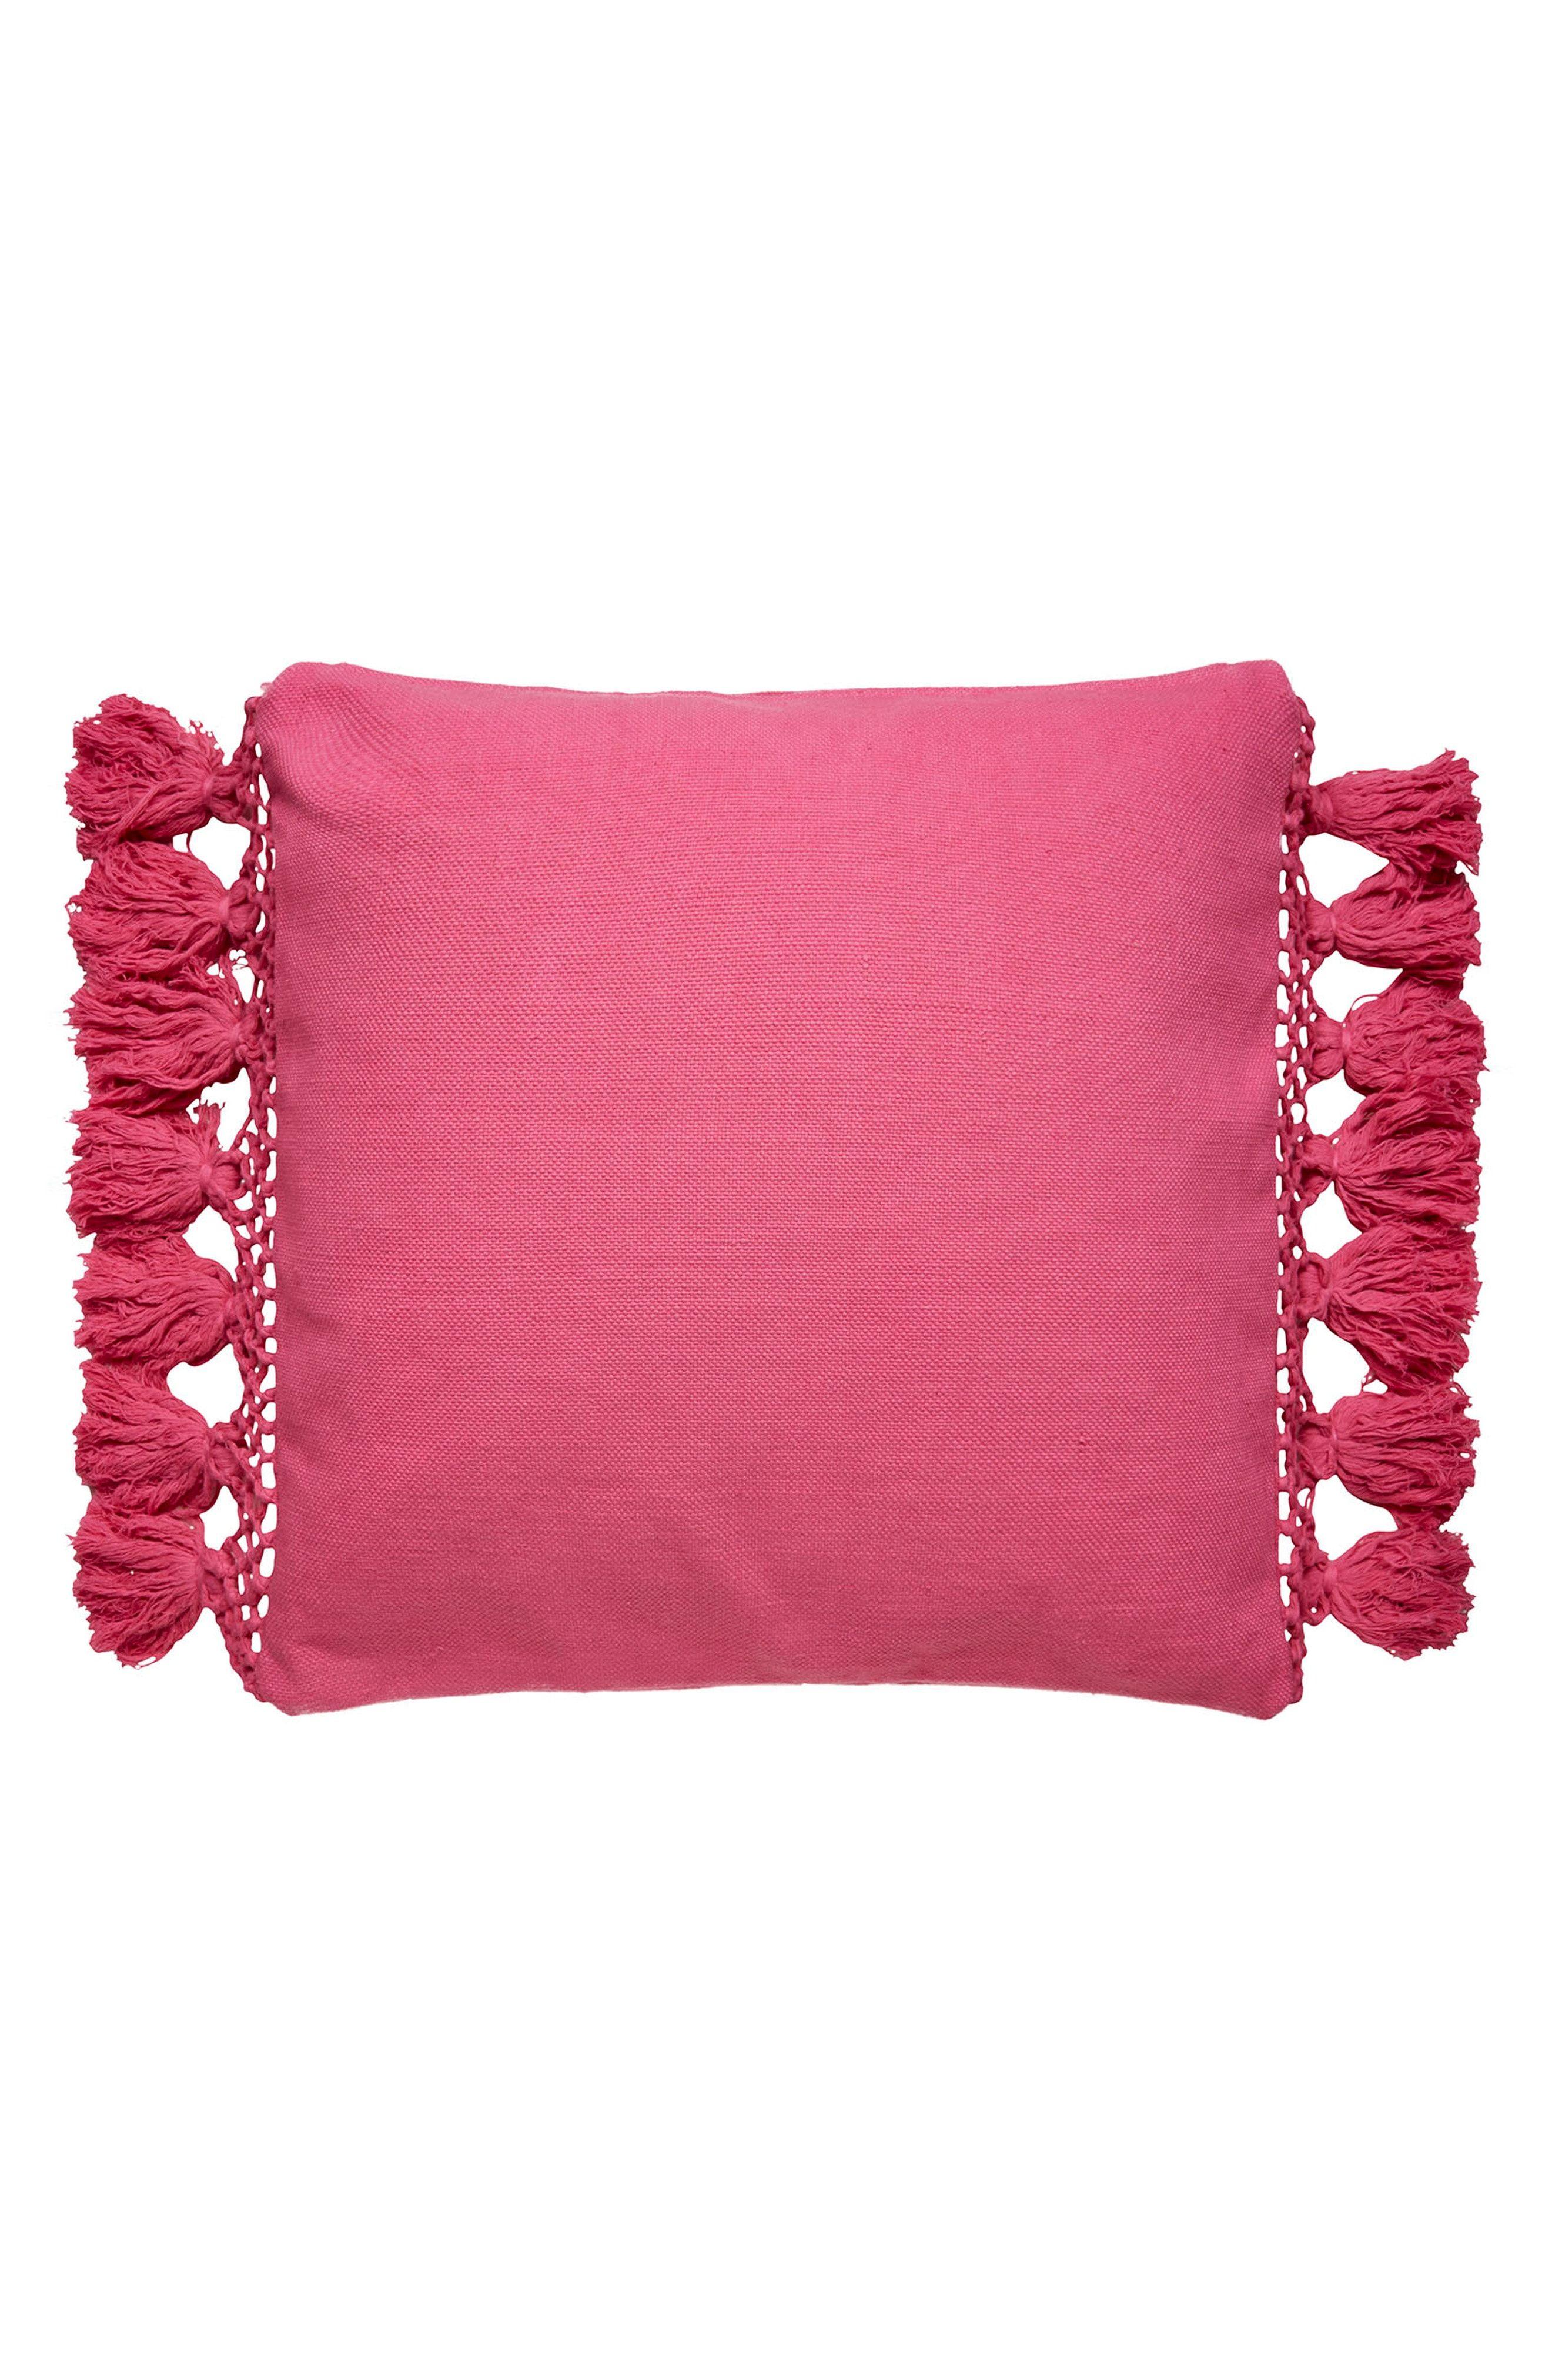 Kate Spade New York Tassel Pillow Elegant Throw Pillows Pink Accent Pillow Pink Throw Pillows